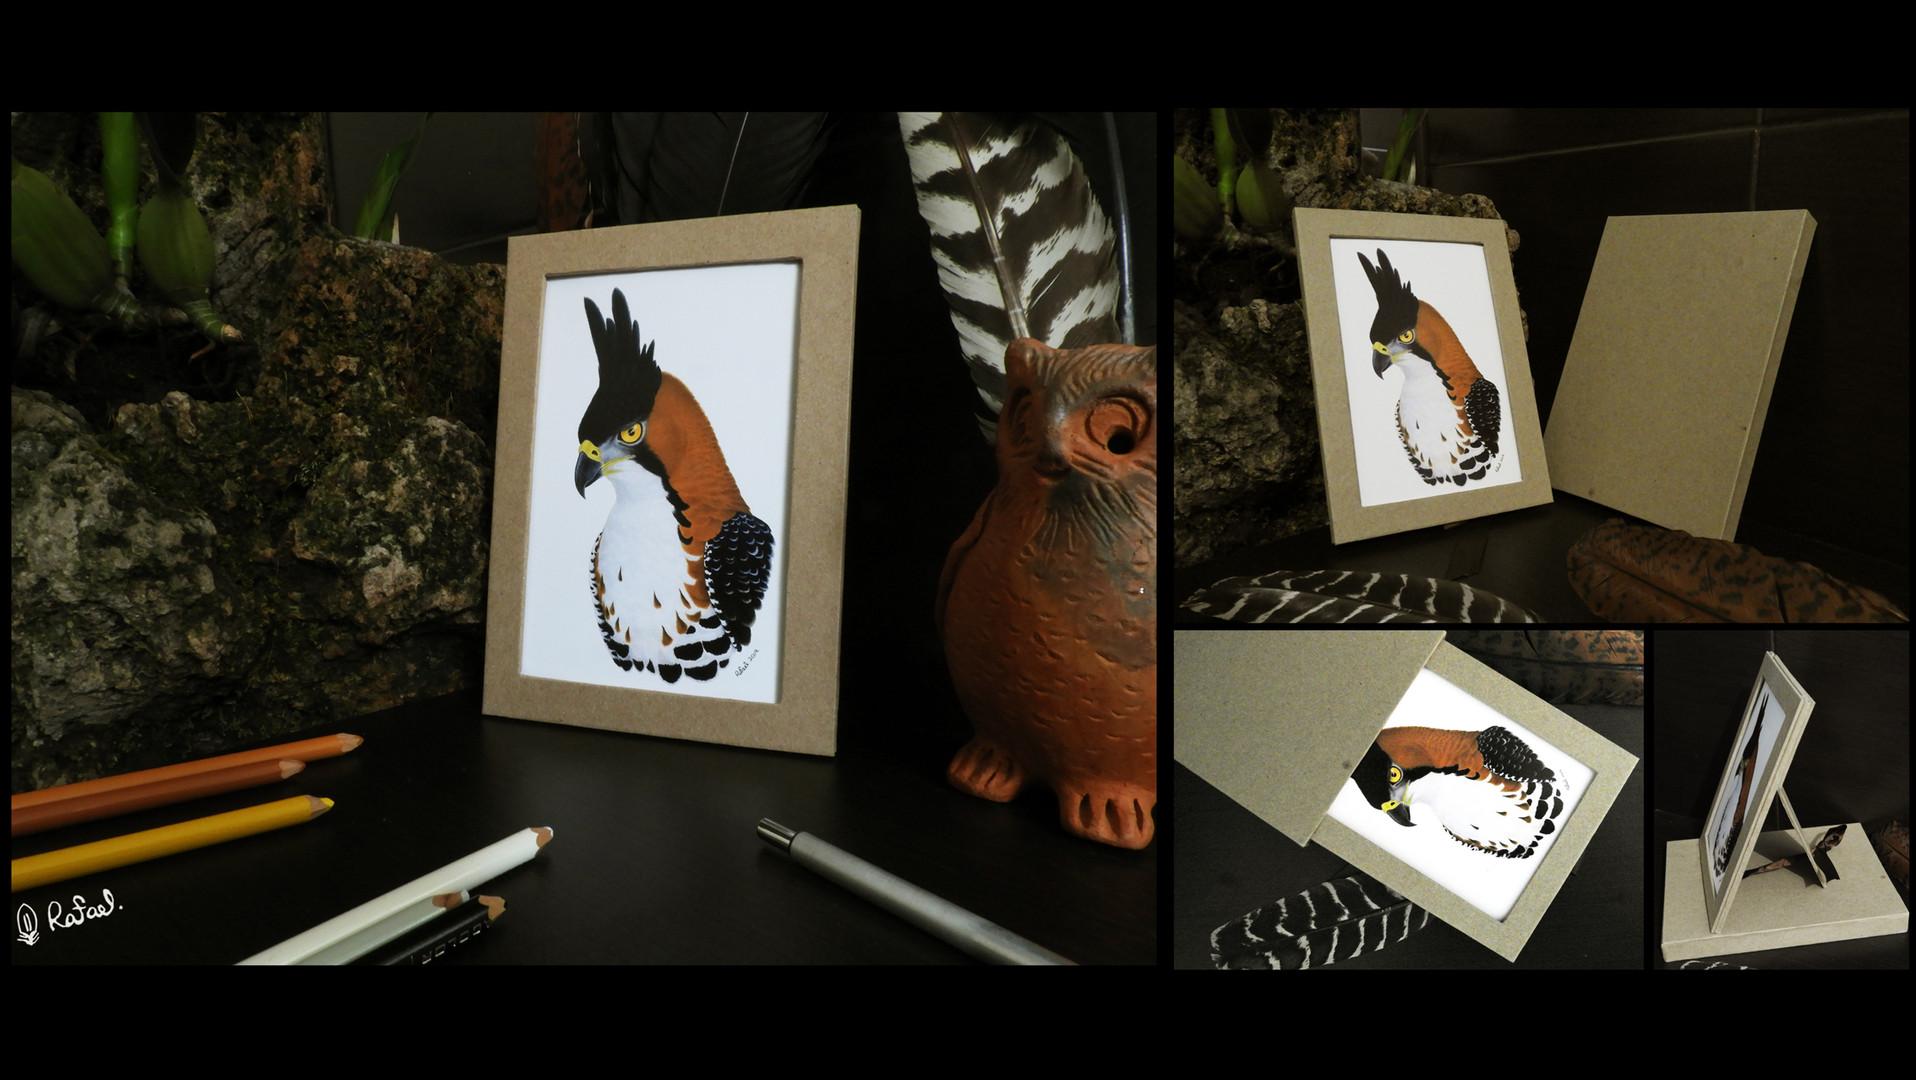 ¡Más Arte Estampado!   New Stamped Art!